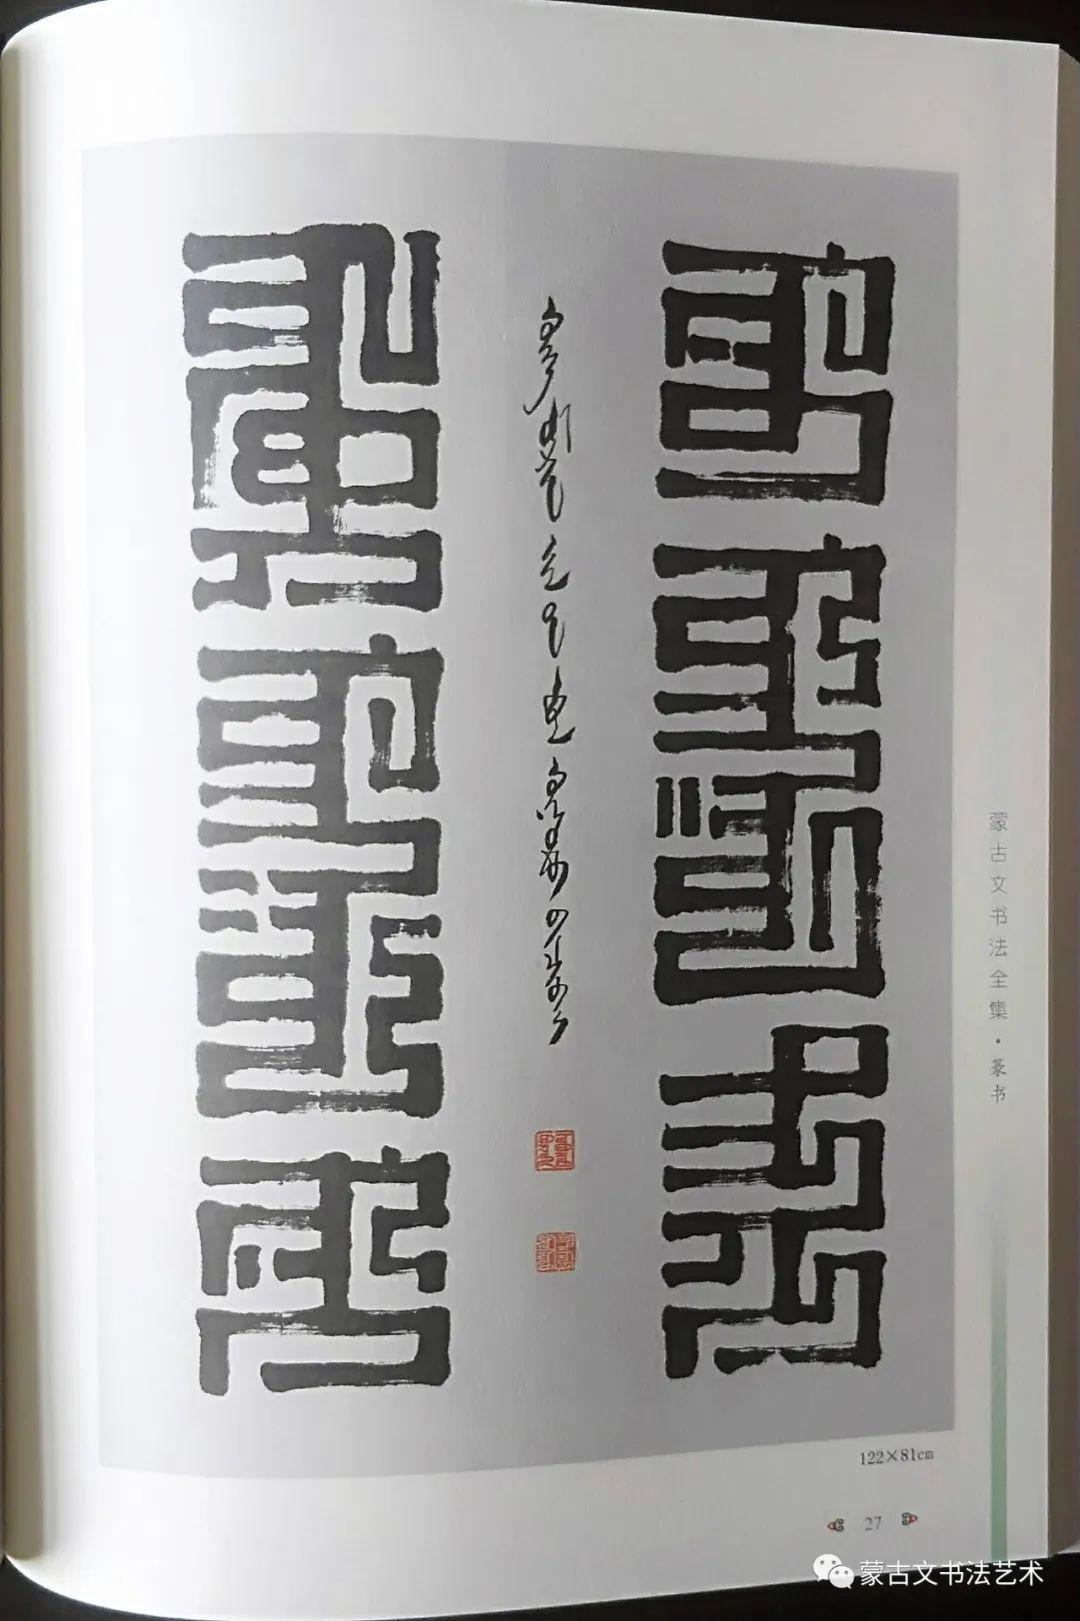 蒙古文书法全集 第34张 蒙古文书法全集 蒙古书法